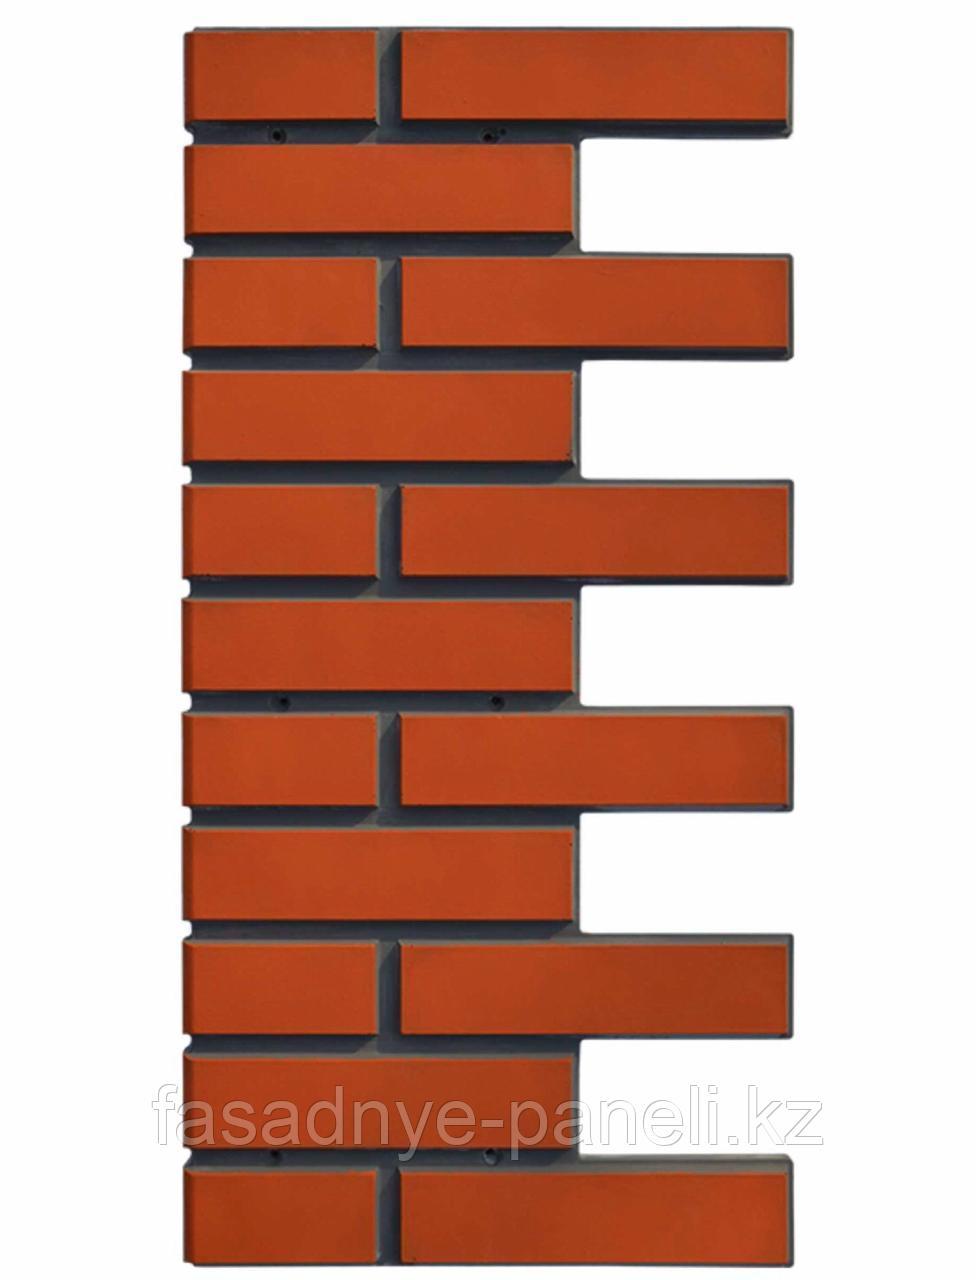 Бетонные обрамления фасадной панели «Классика» - фото 2